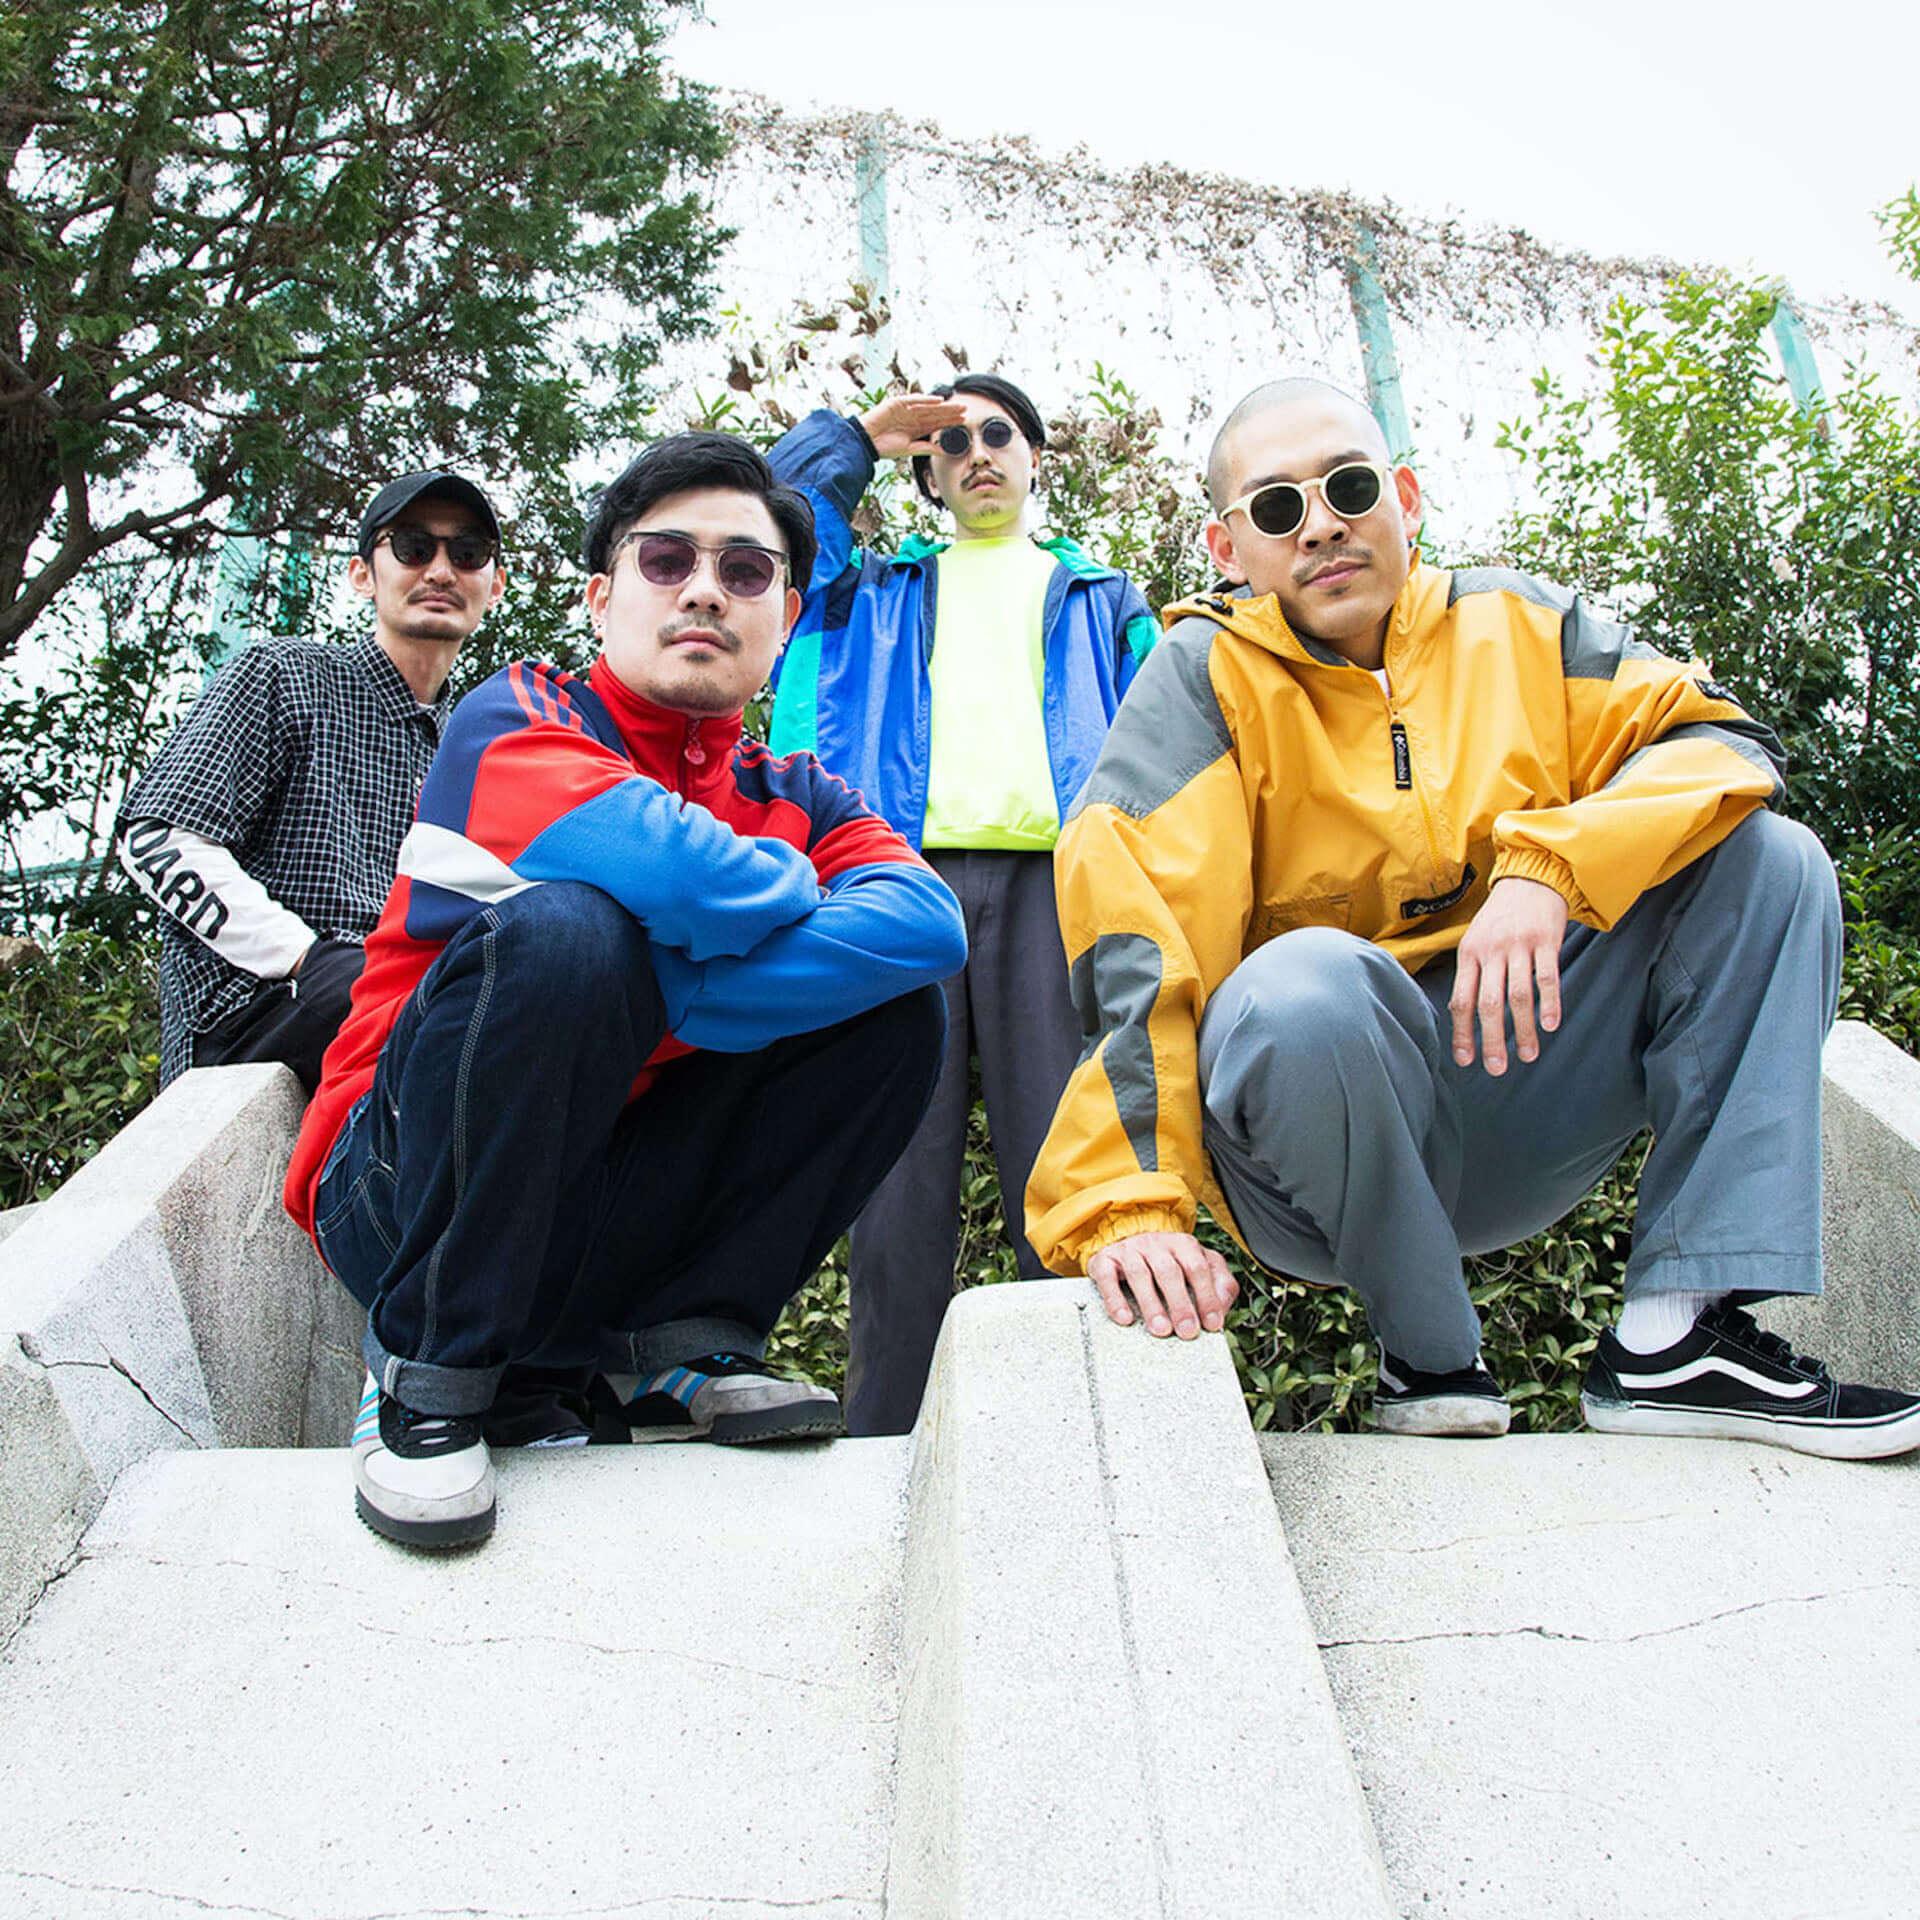 """TOKYO HEALTH CLUBの""""リピート feat. 塩塚モエカ""""と""""夢のような(REMIX) feat. おかもとえみ""""が7インチでリリース決定! music201015_tokyohealthclub_3-1920x1920"""